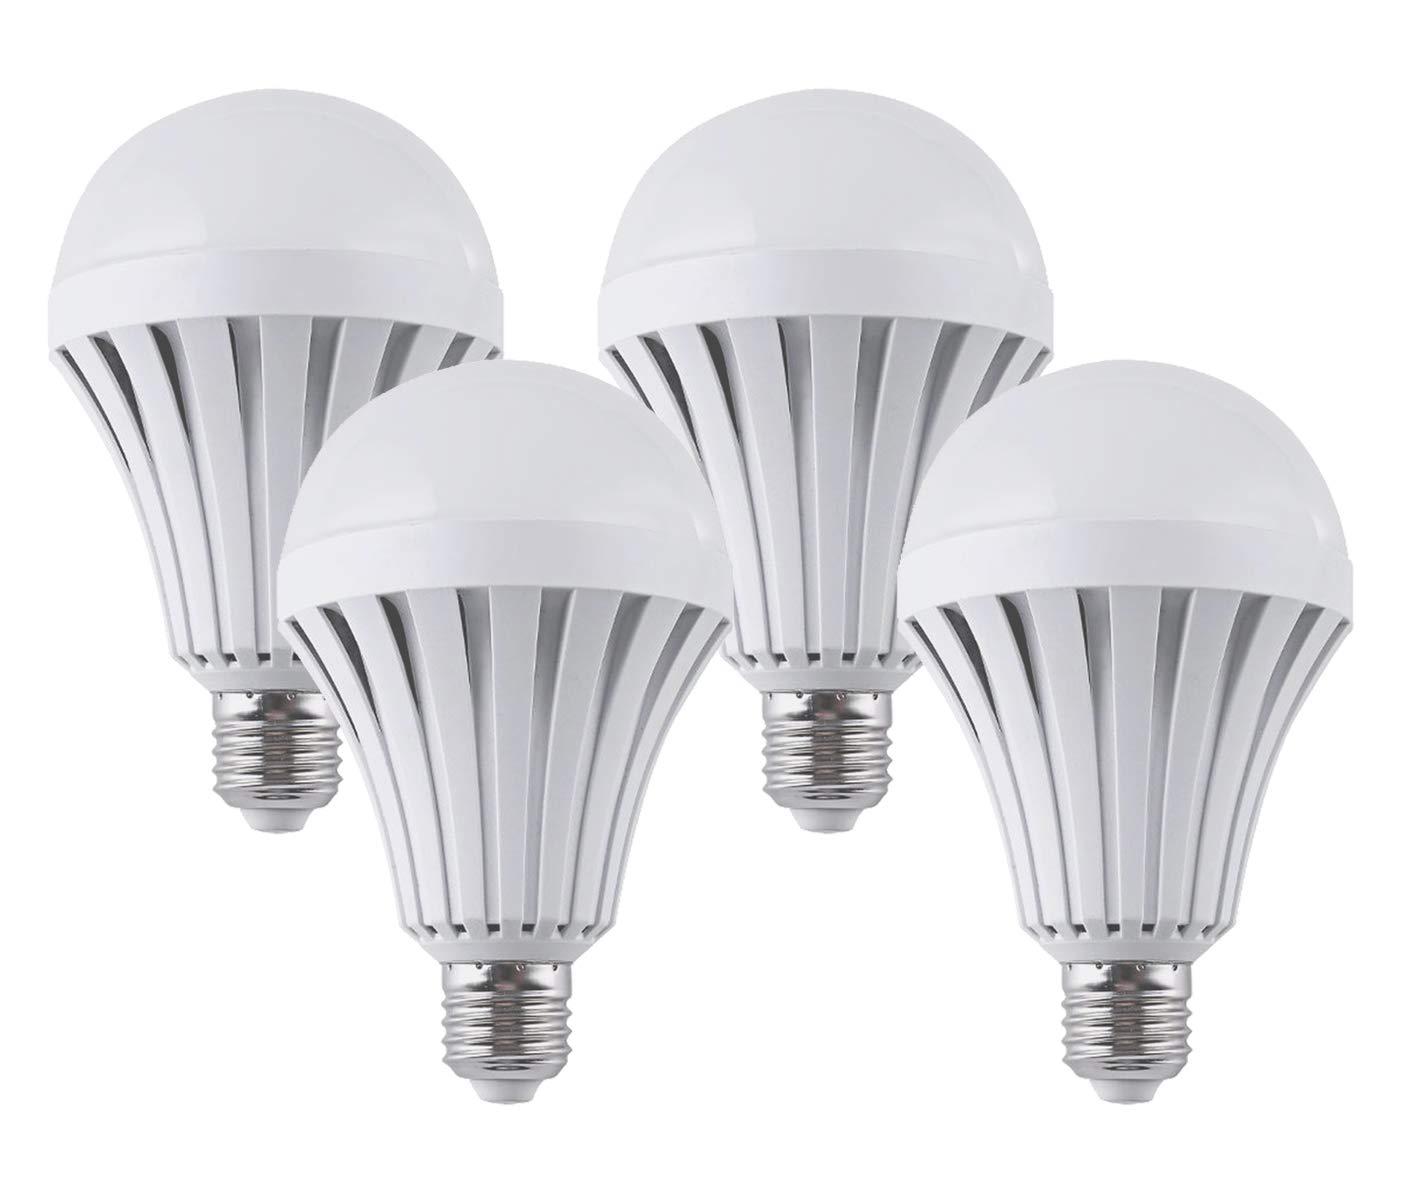 CTKcom LED Light Bulbs 5W(4 Pack)- Emergency Lamps Household Lighting Bulbs Human Body Induction,Saving Energy Intelligent Light Rechargable Electricity 60W Equivalent 6000k White Bulb120V E26/E27